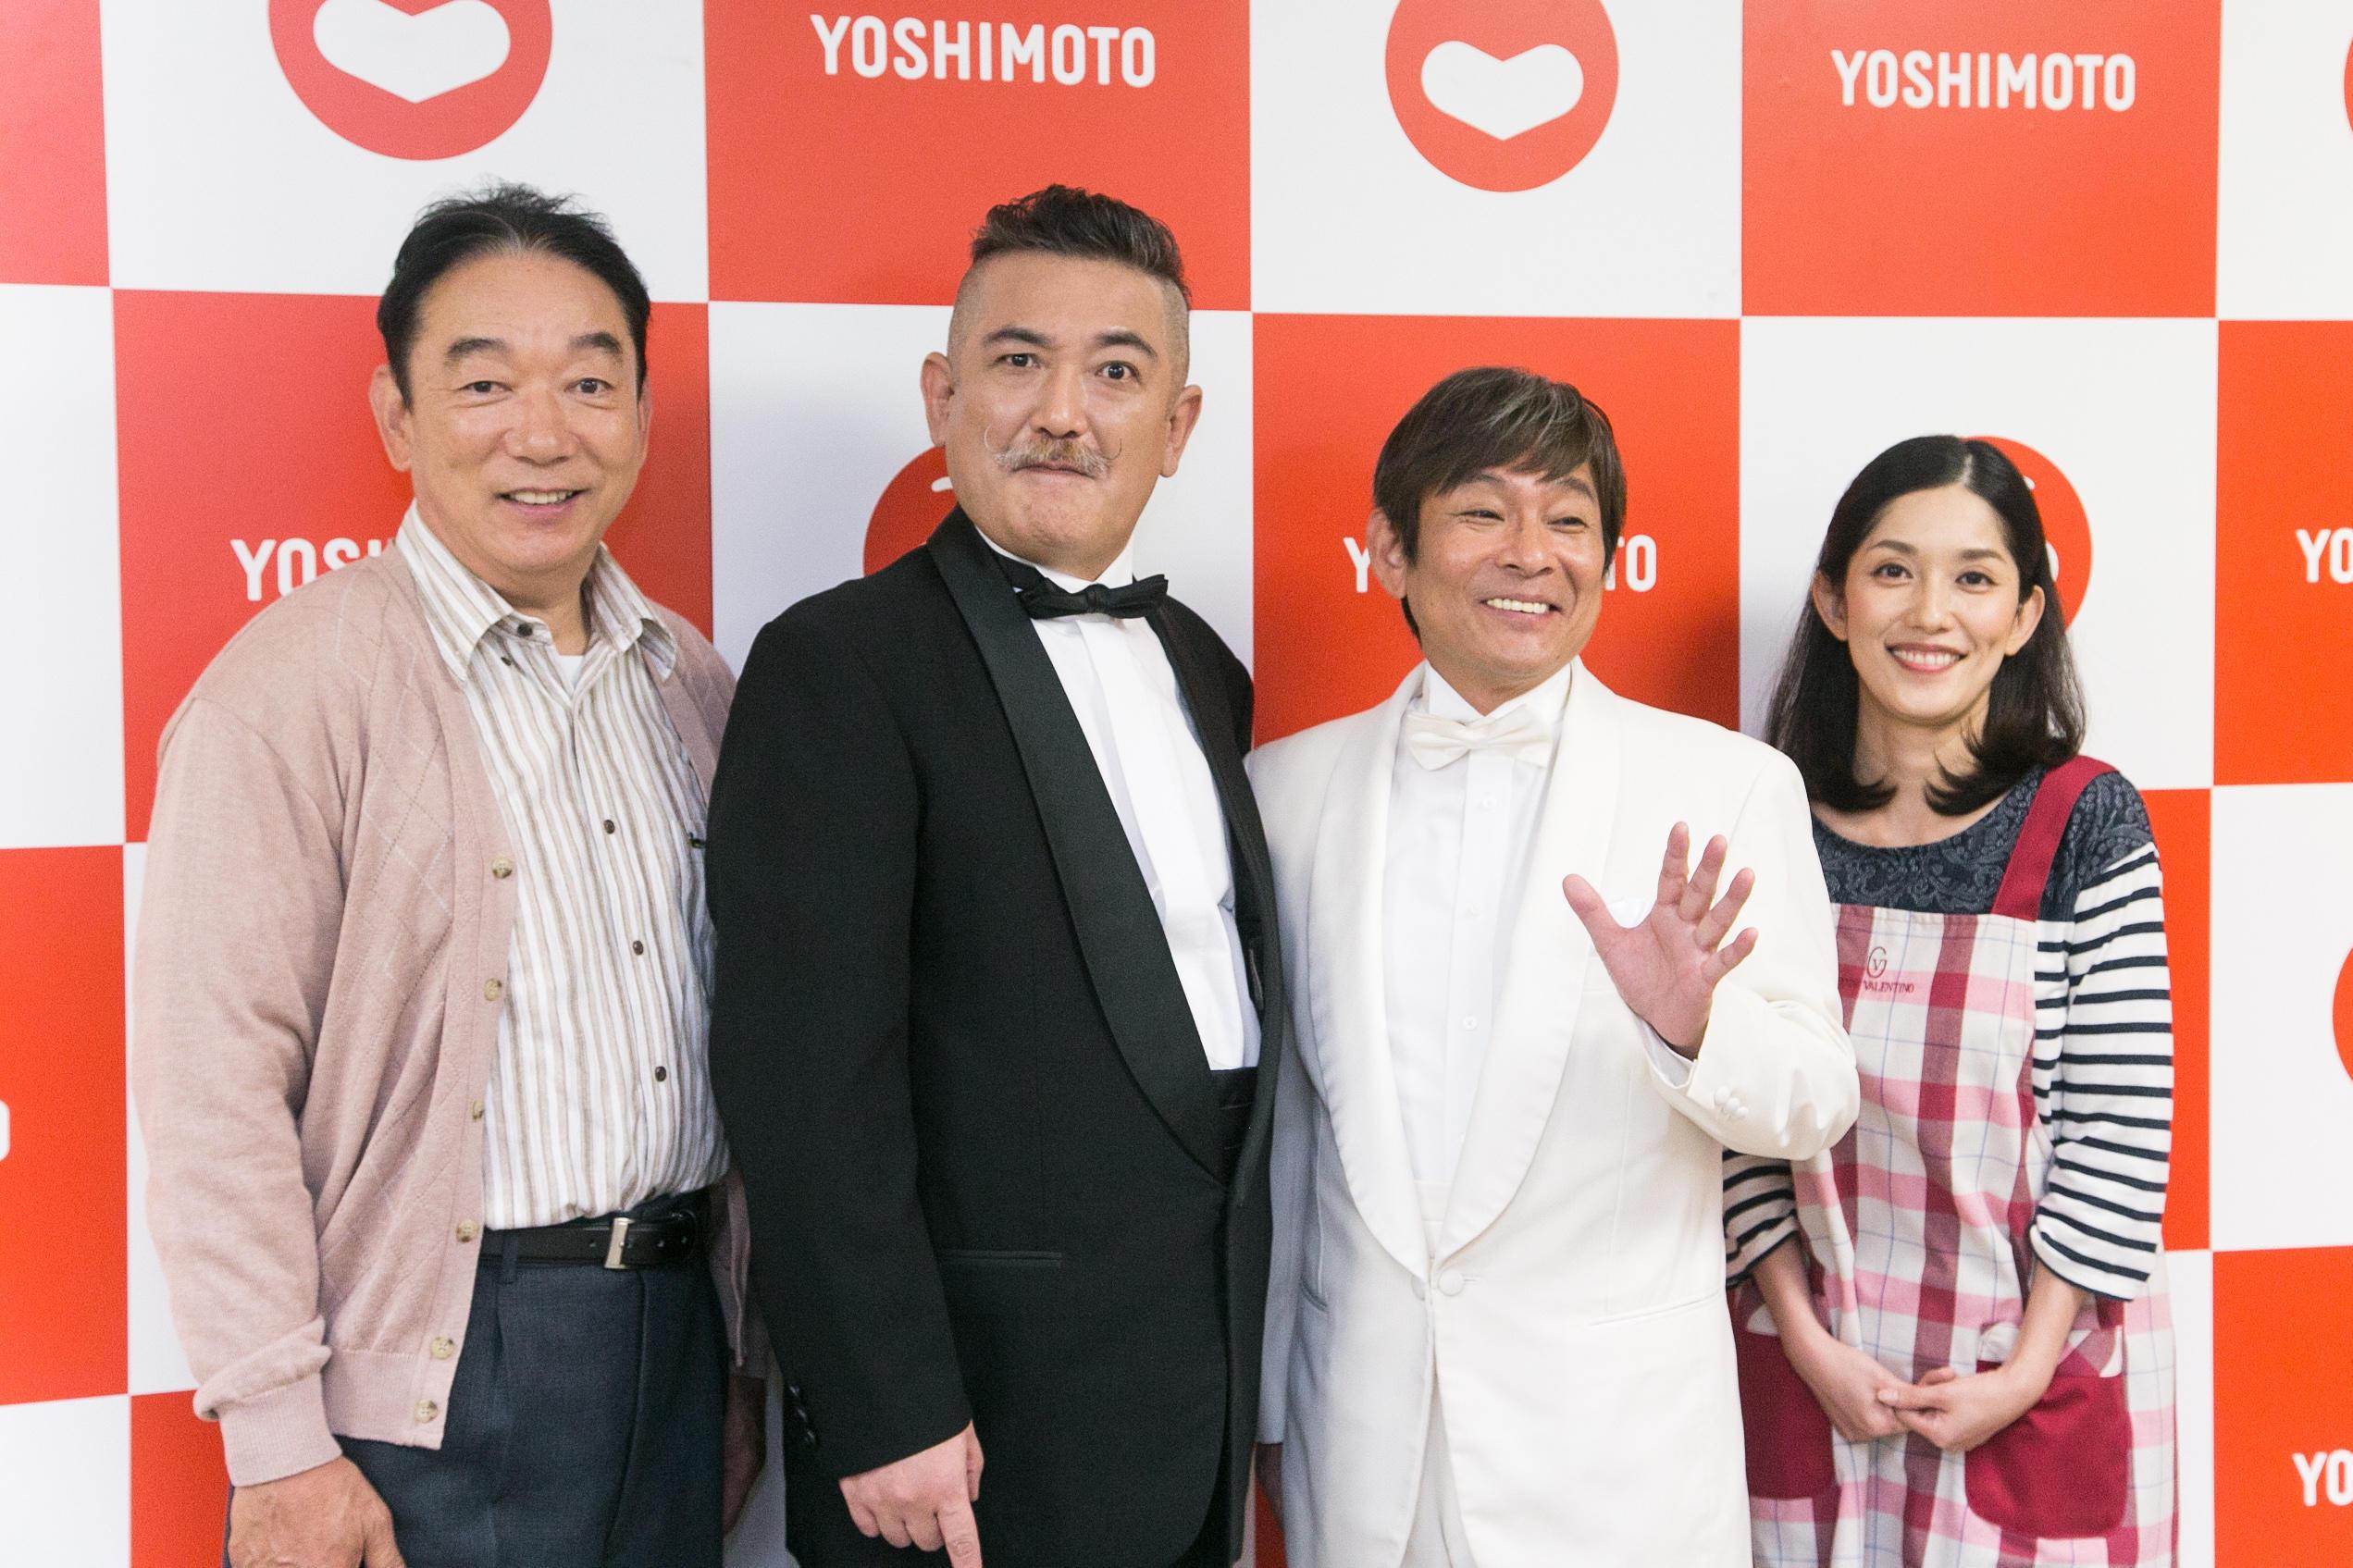 http://news.yoshimoto.co.jp/20180914171119-f2a99f741206bf87f189ef5928ada5c2c76dc6b0.jpg